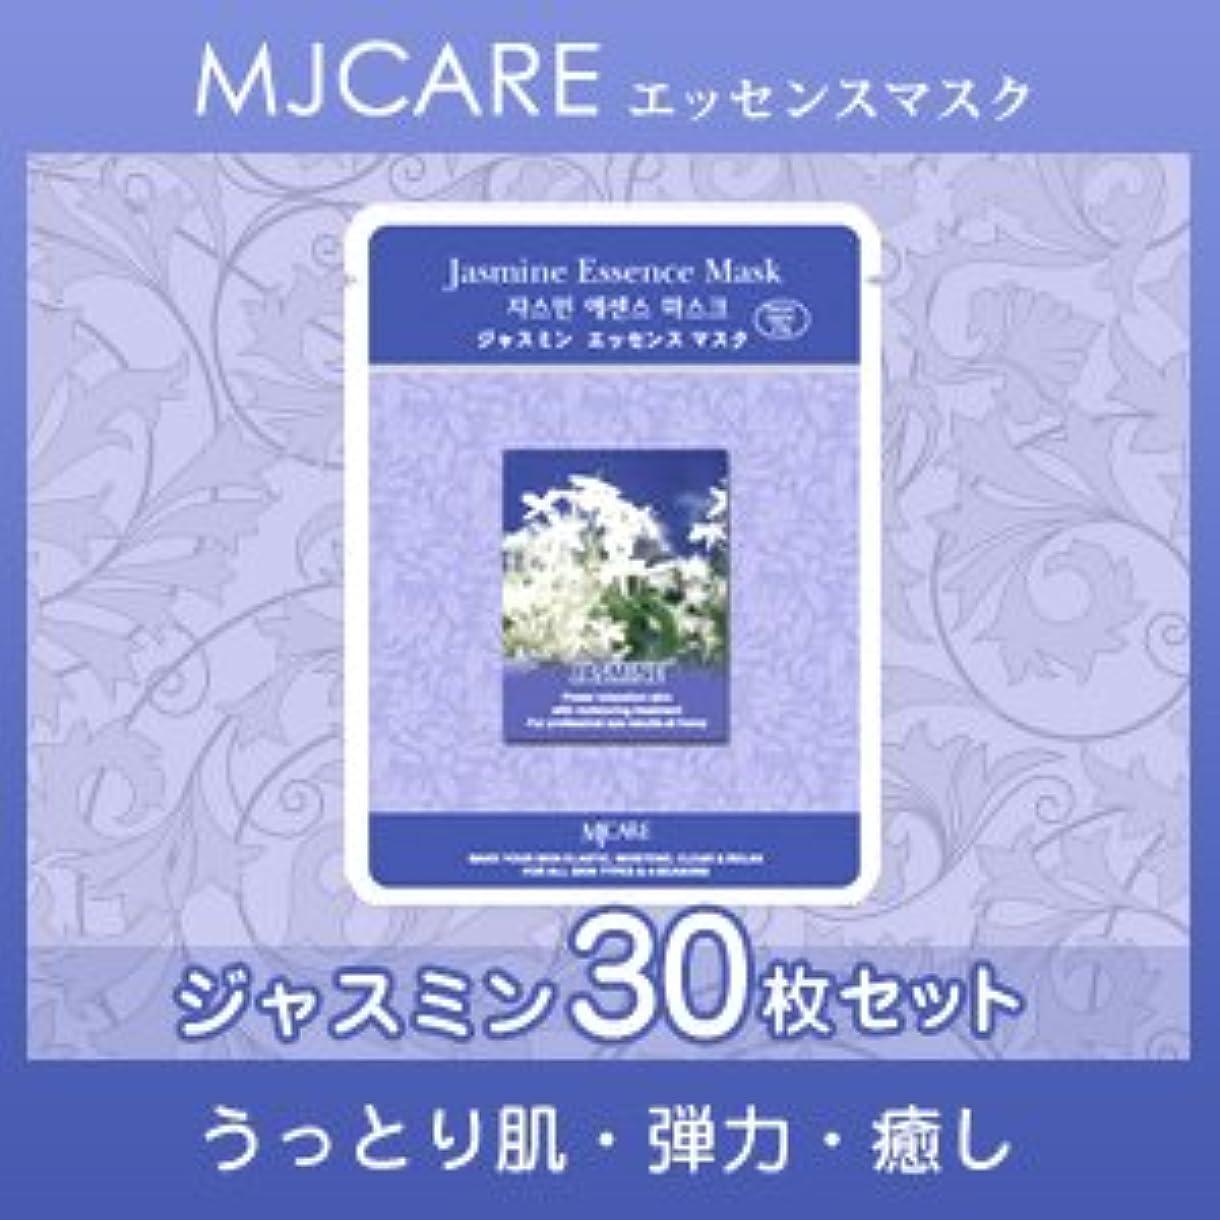 キャプチャー正確に排除MJCARE (エムジェイケア) ジャスミン エッセンスマスク 30セット